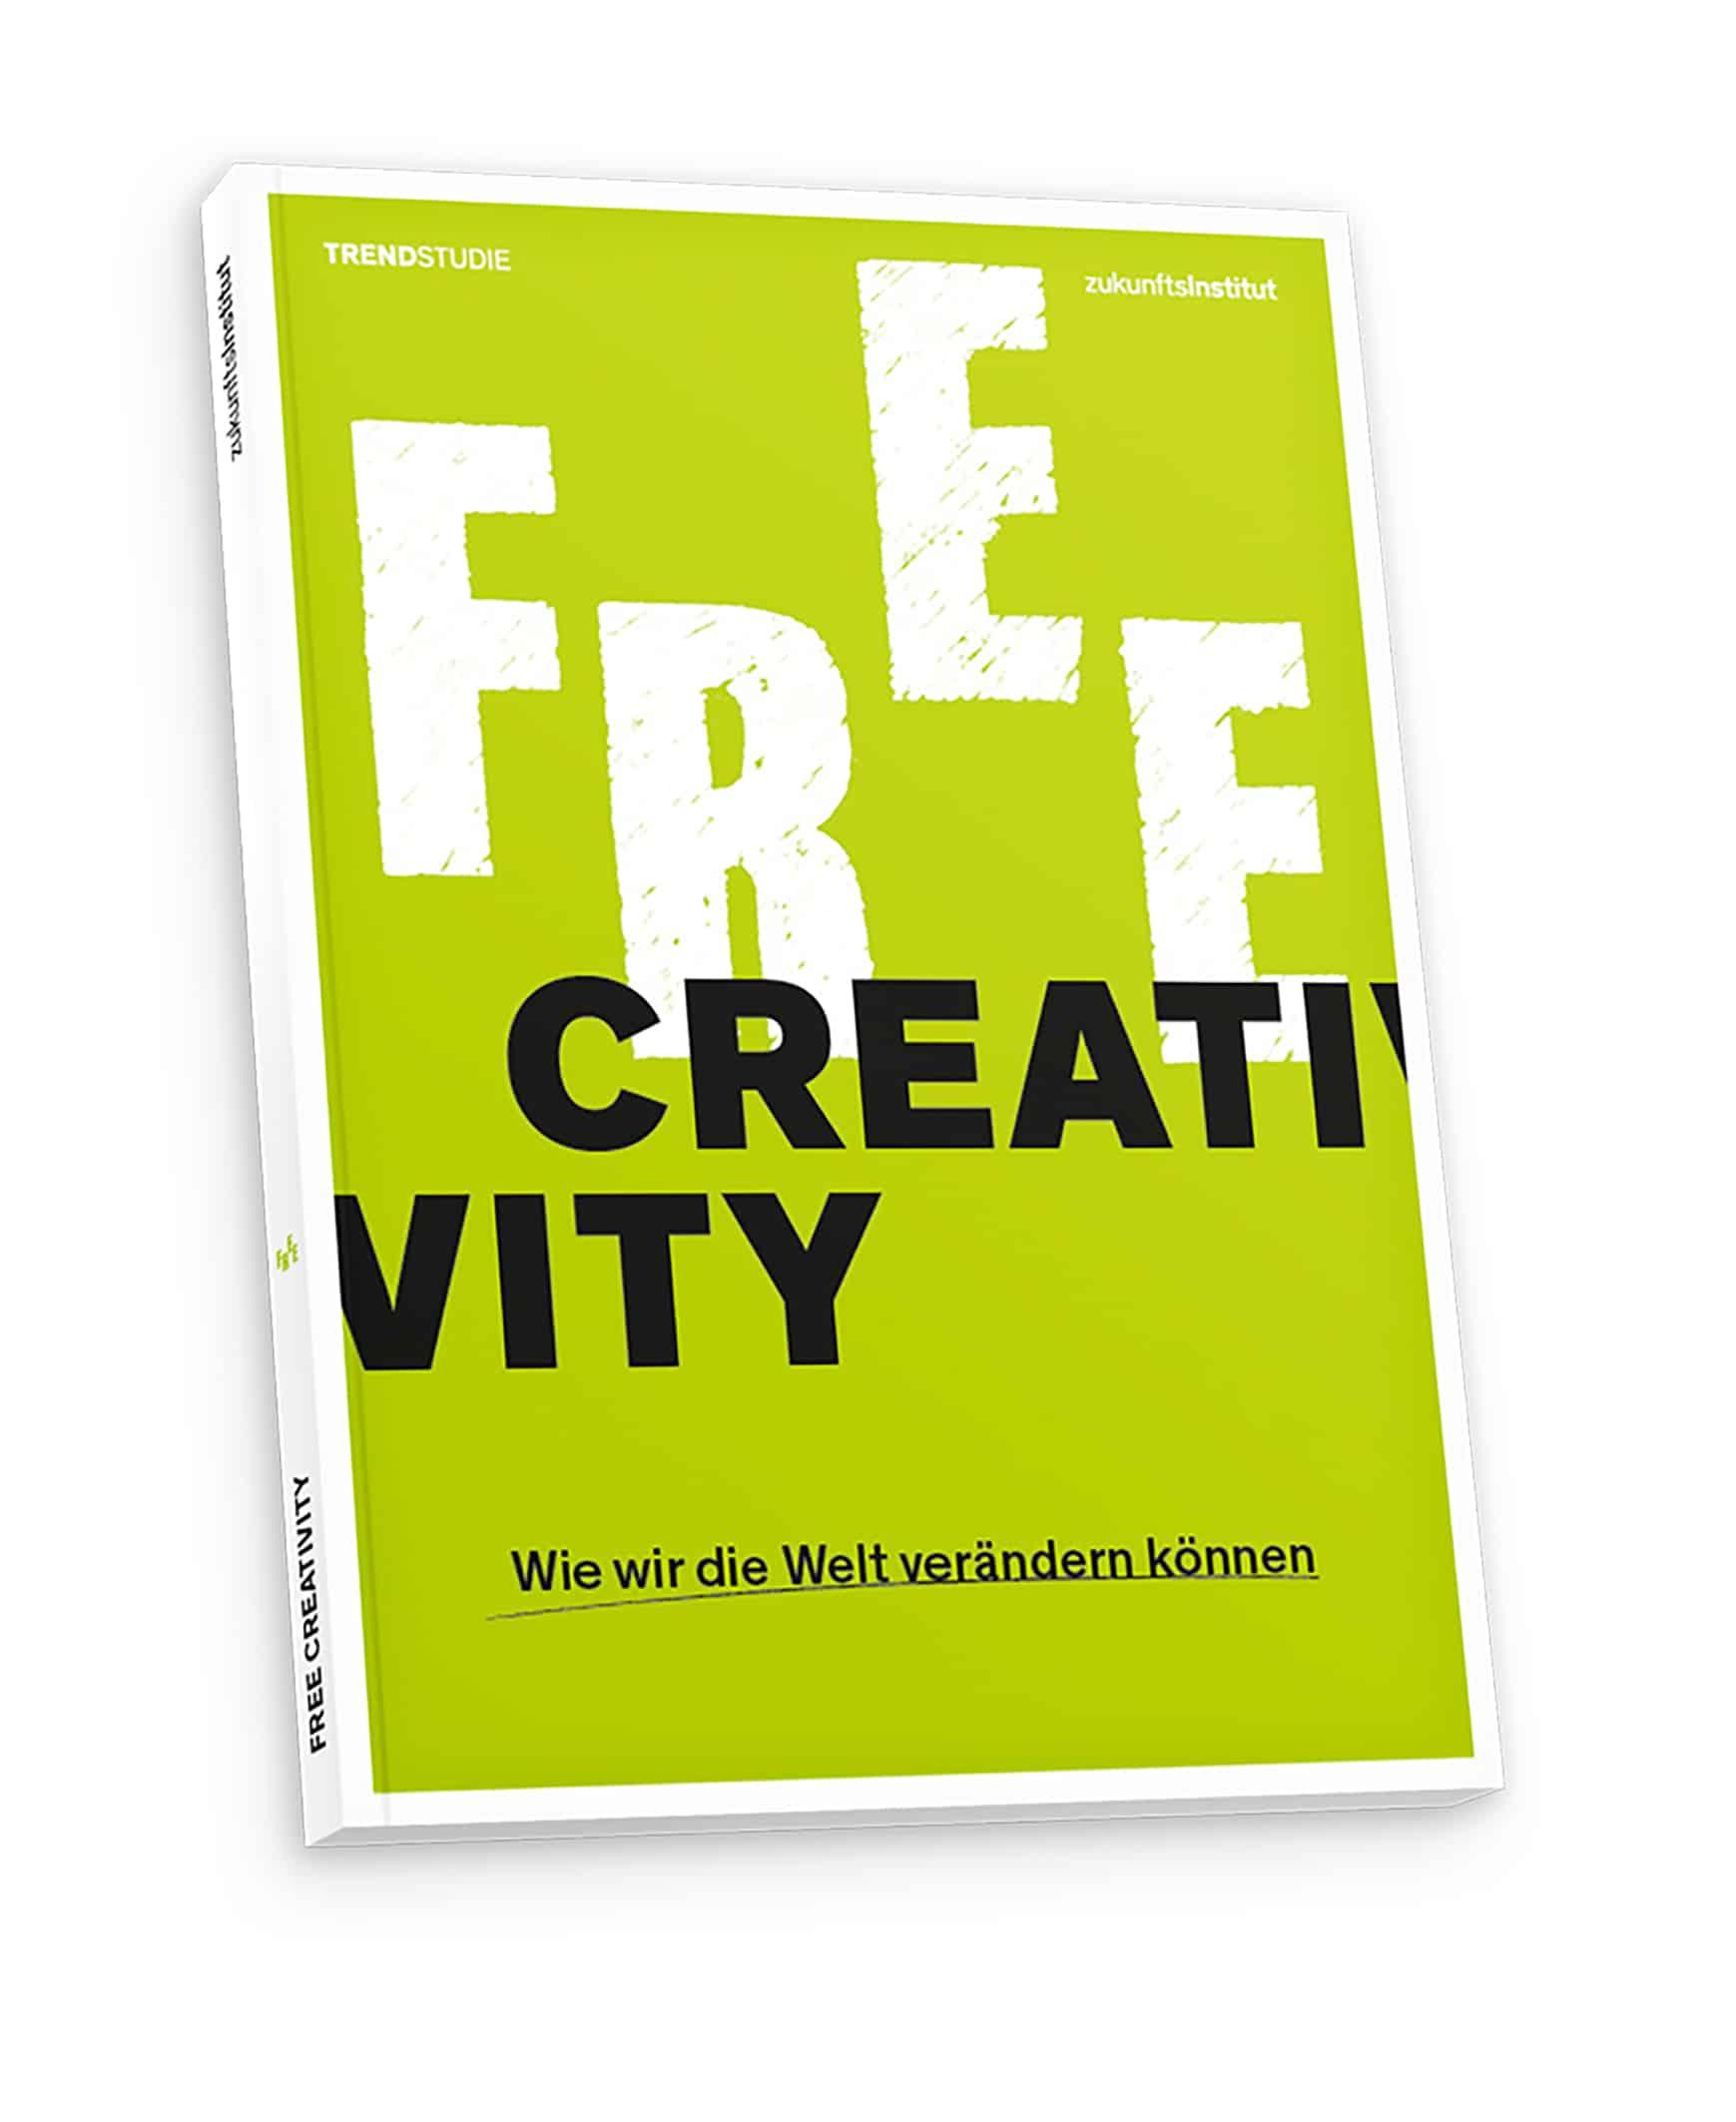 Free-Creativity-es lebe die kreativität